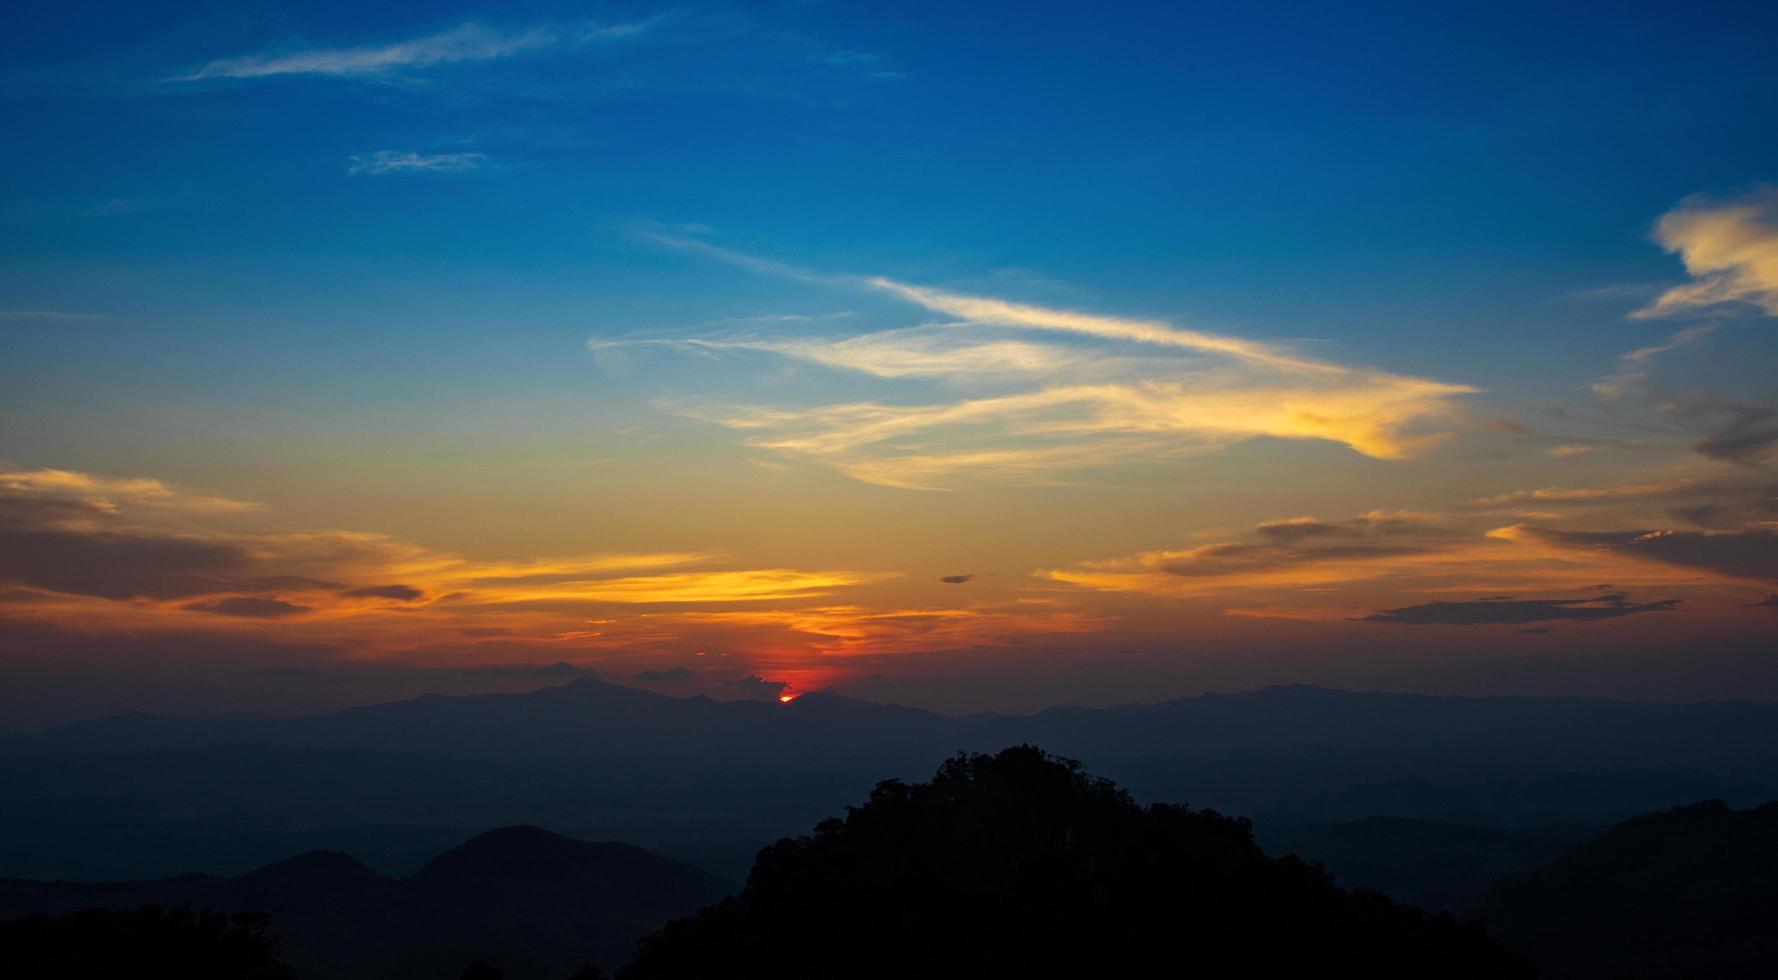 solnedgång över bergen i norra Thailand foto